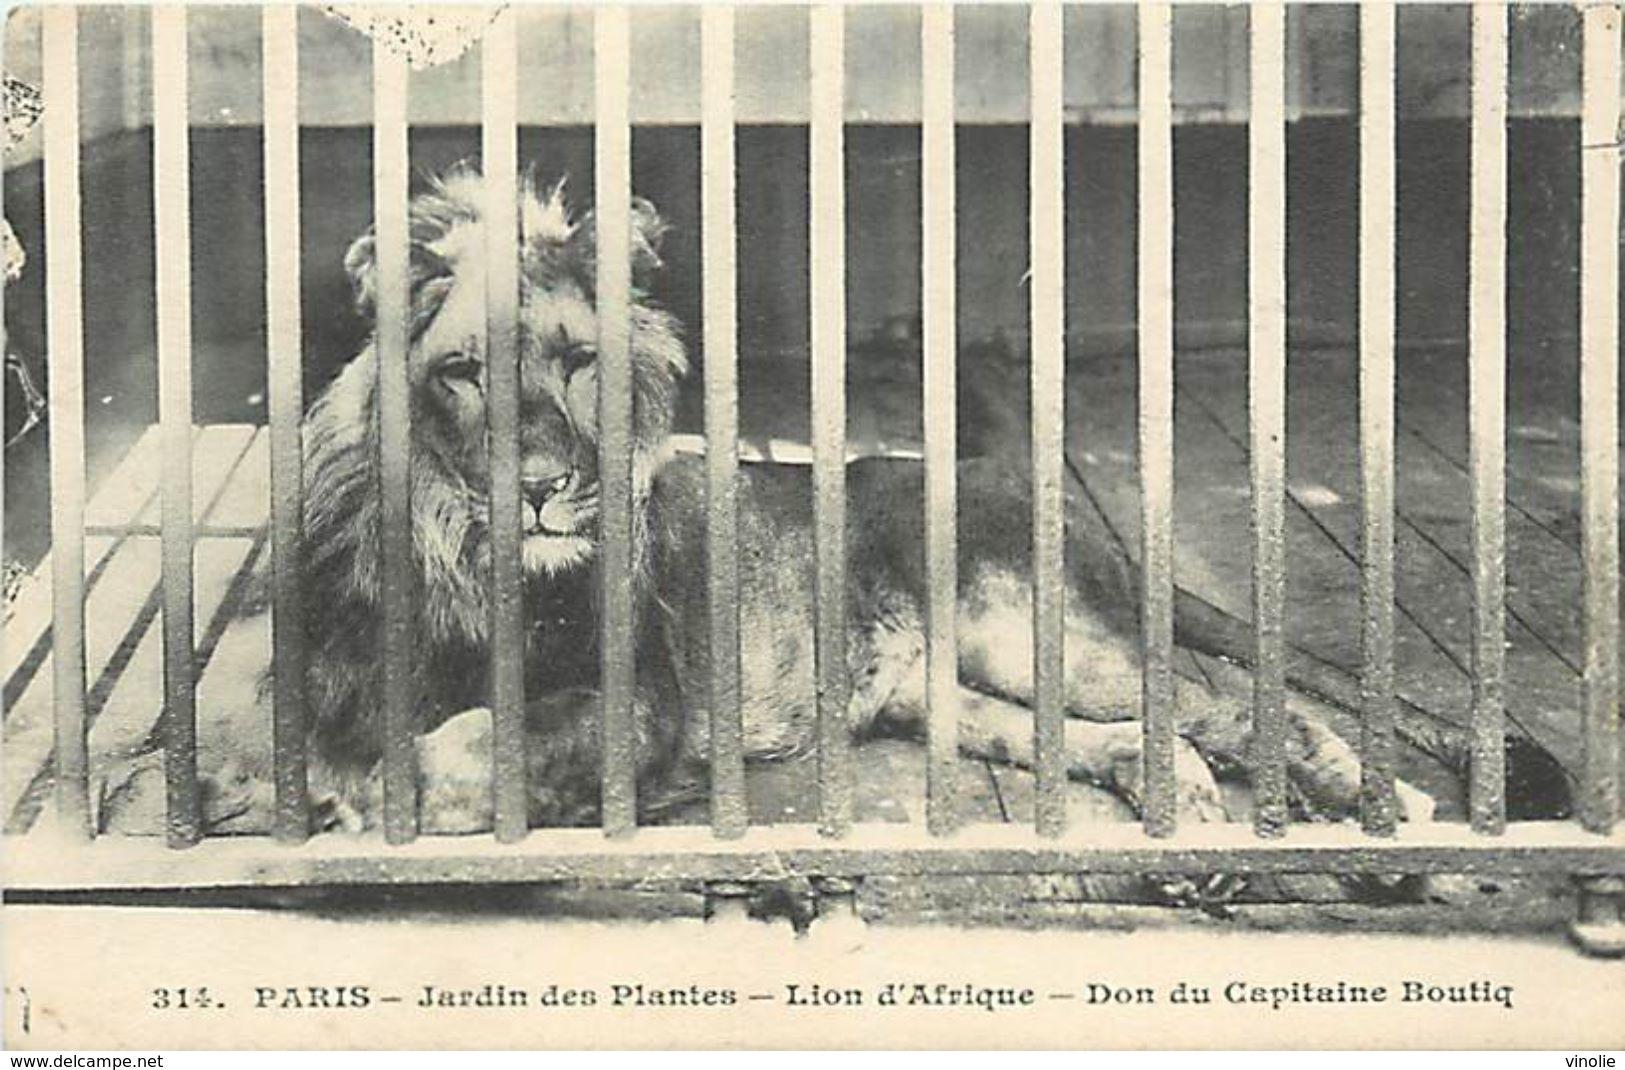 PIE 17-T-4554 : JARDIN DES PLANTES PARIS. LE LION D'AFRIQUE - Lions